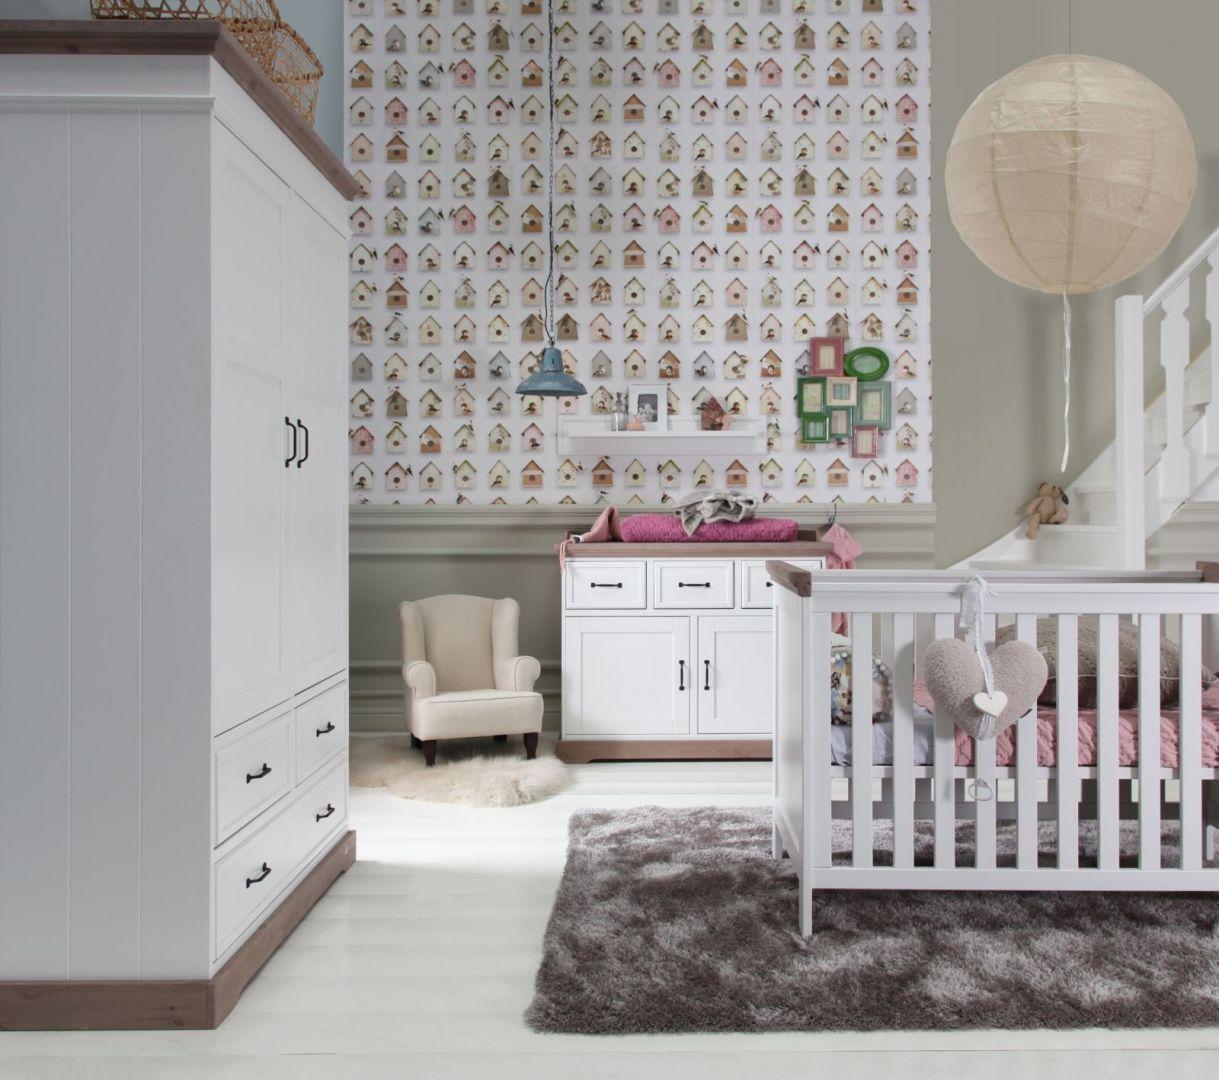 Warto postawić na meble z jednej kolekcji, dzięki czemu pokój maluszka będzie spójny i estetyczny. Fot. Muppetshop